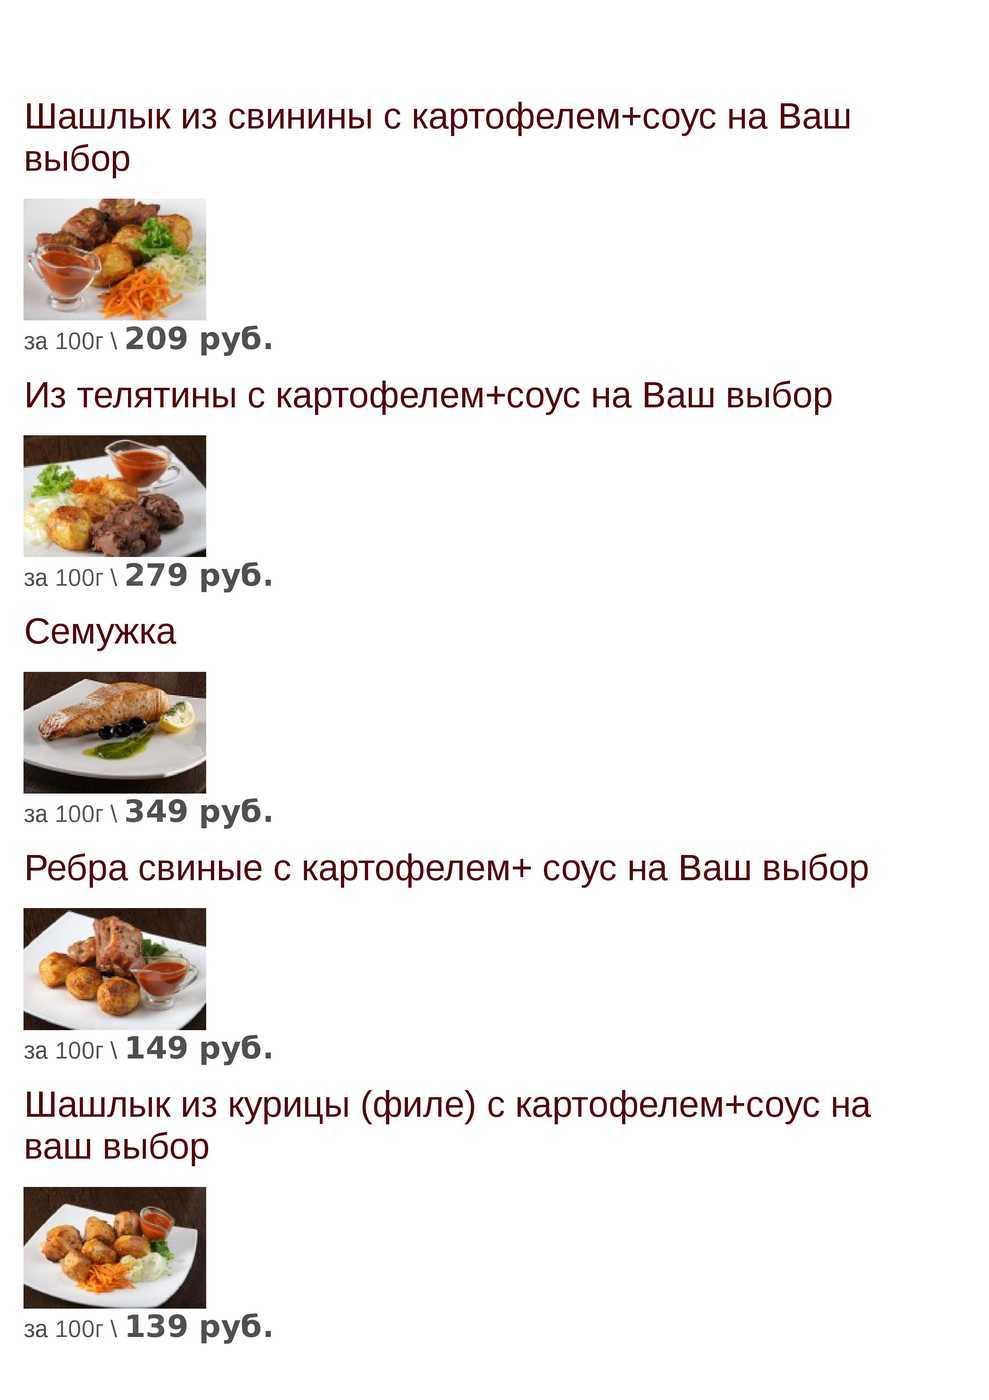 Меню кафе Ермак на проспекте имени газеты Красноярский Рабочий фото 21